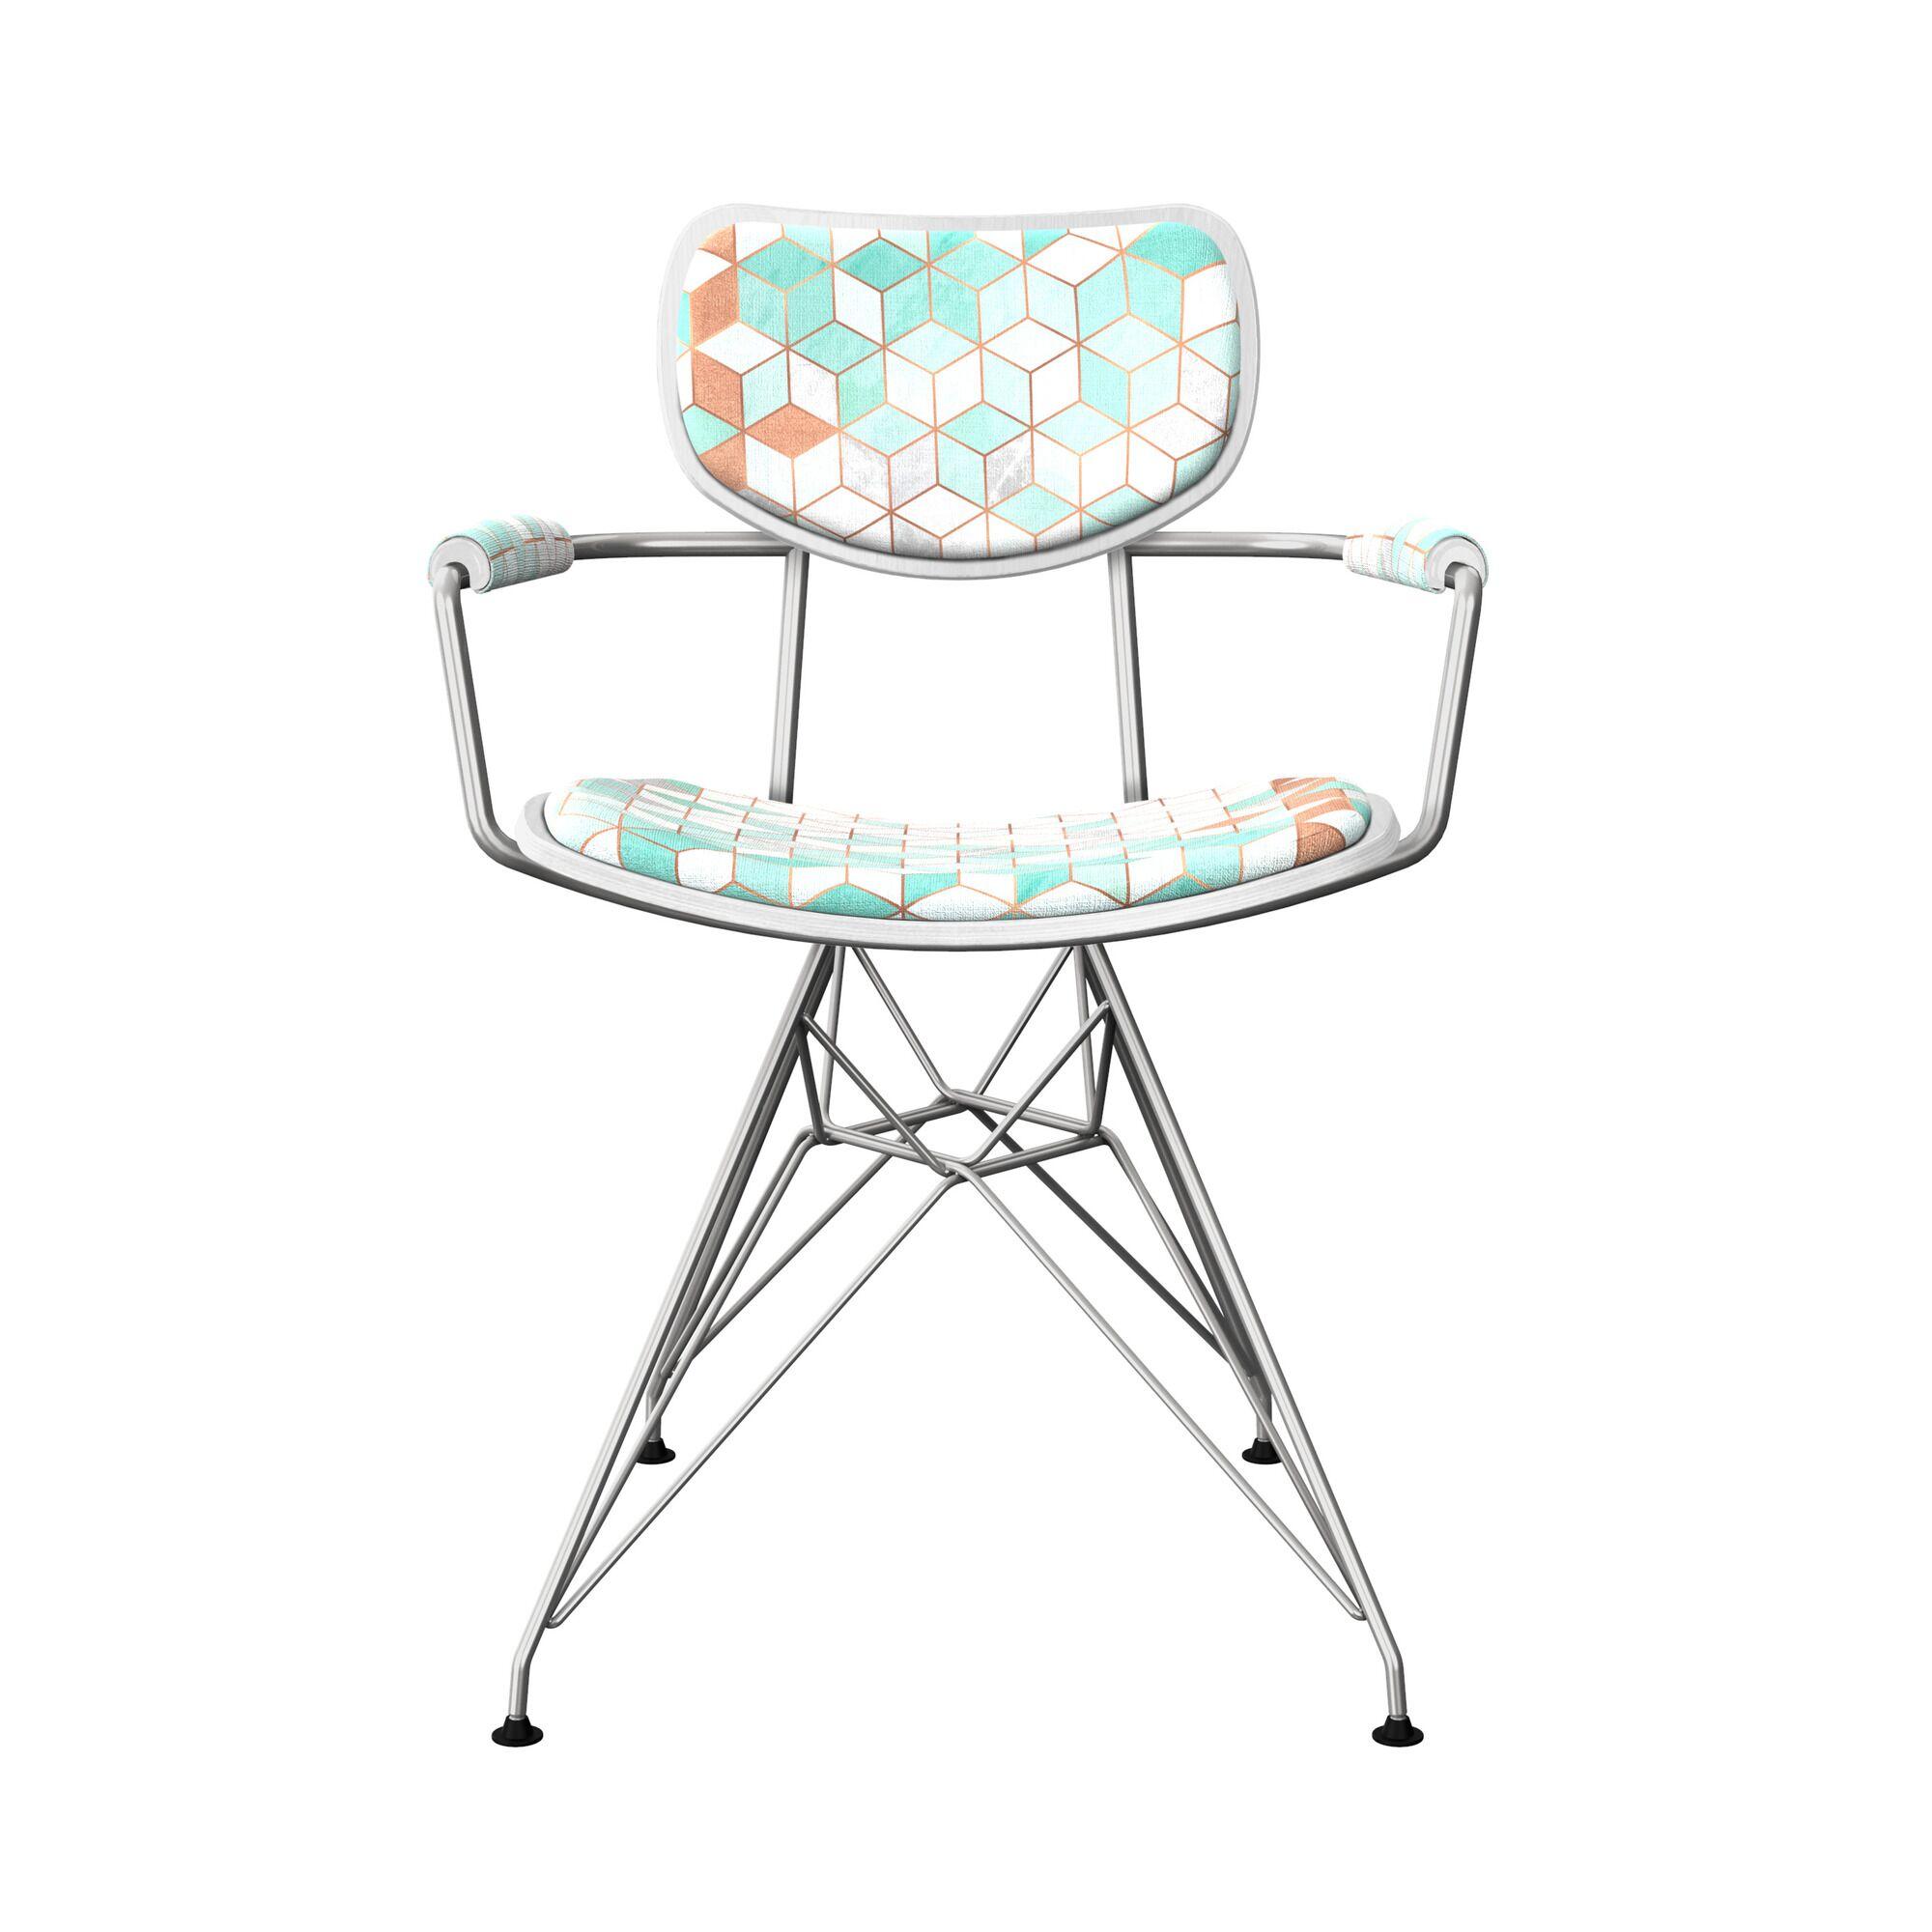 Basden Upholstered Dining Chair Leg Color: Chrome, Frame Color: White